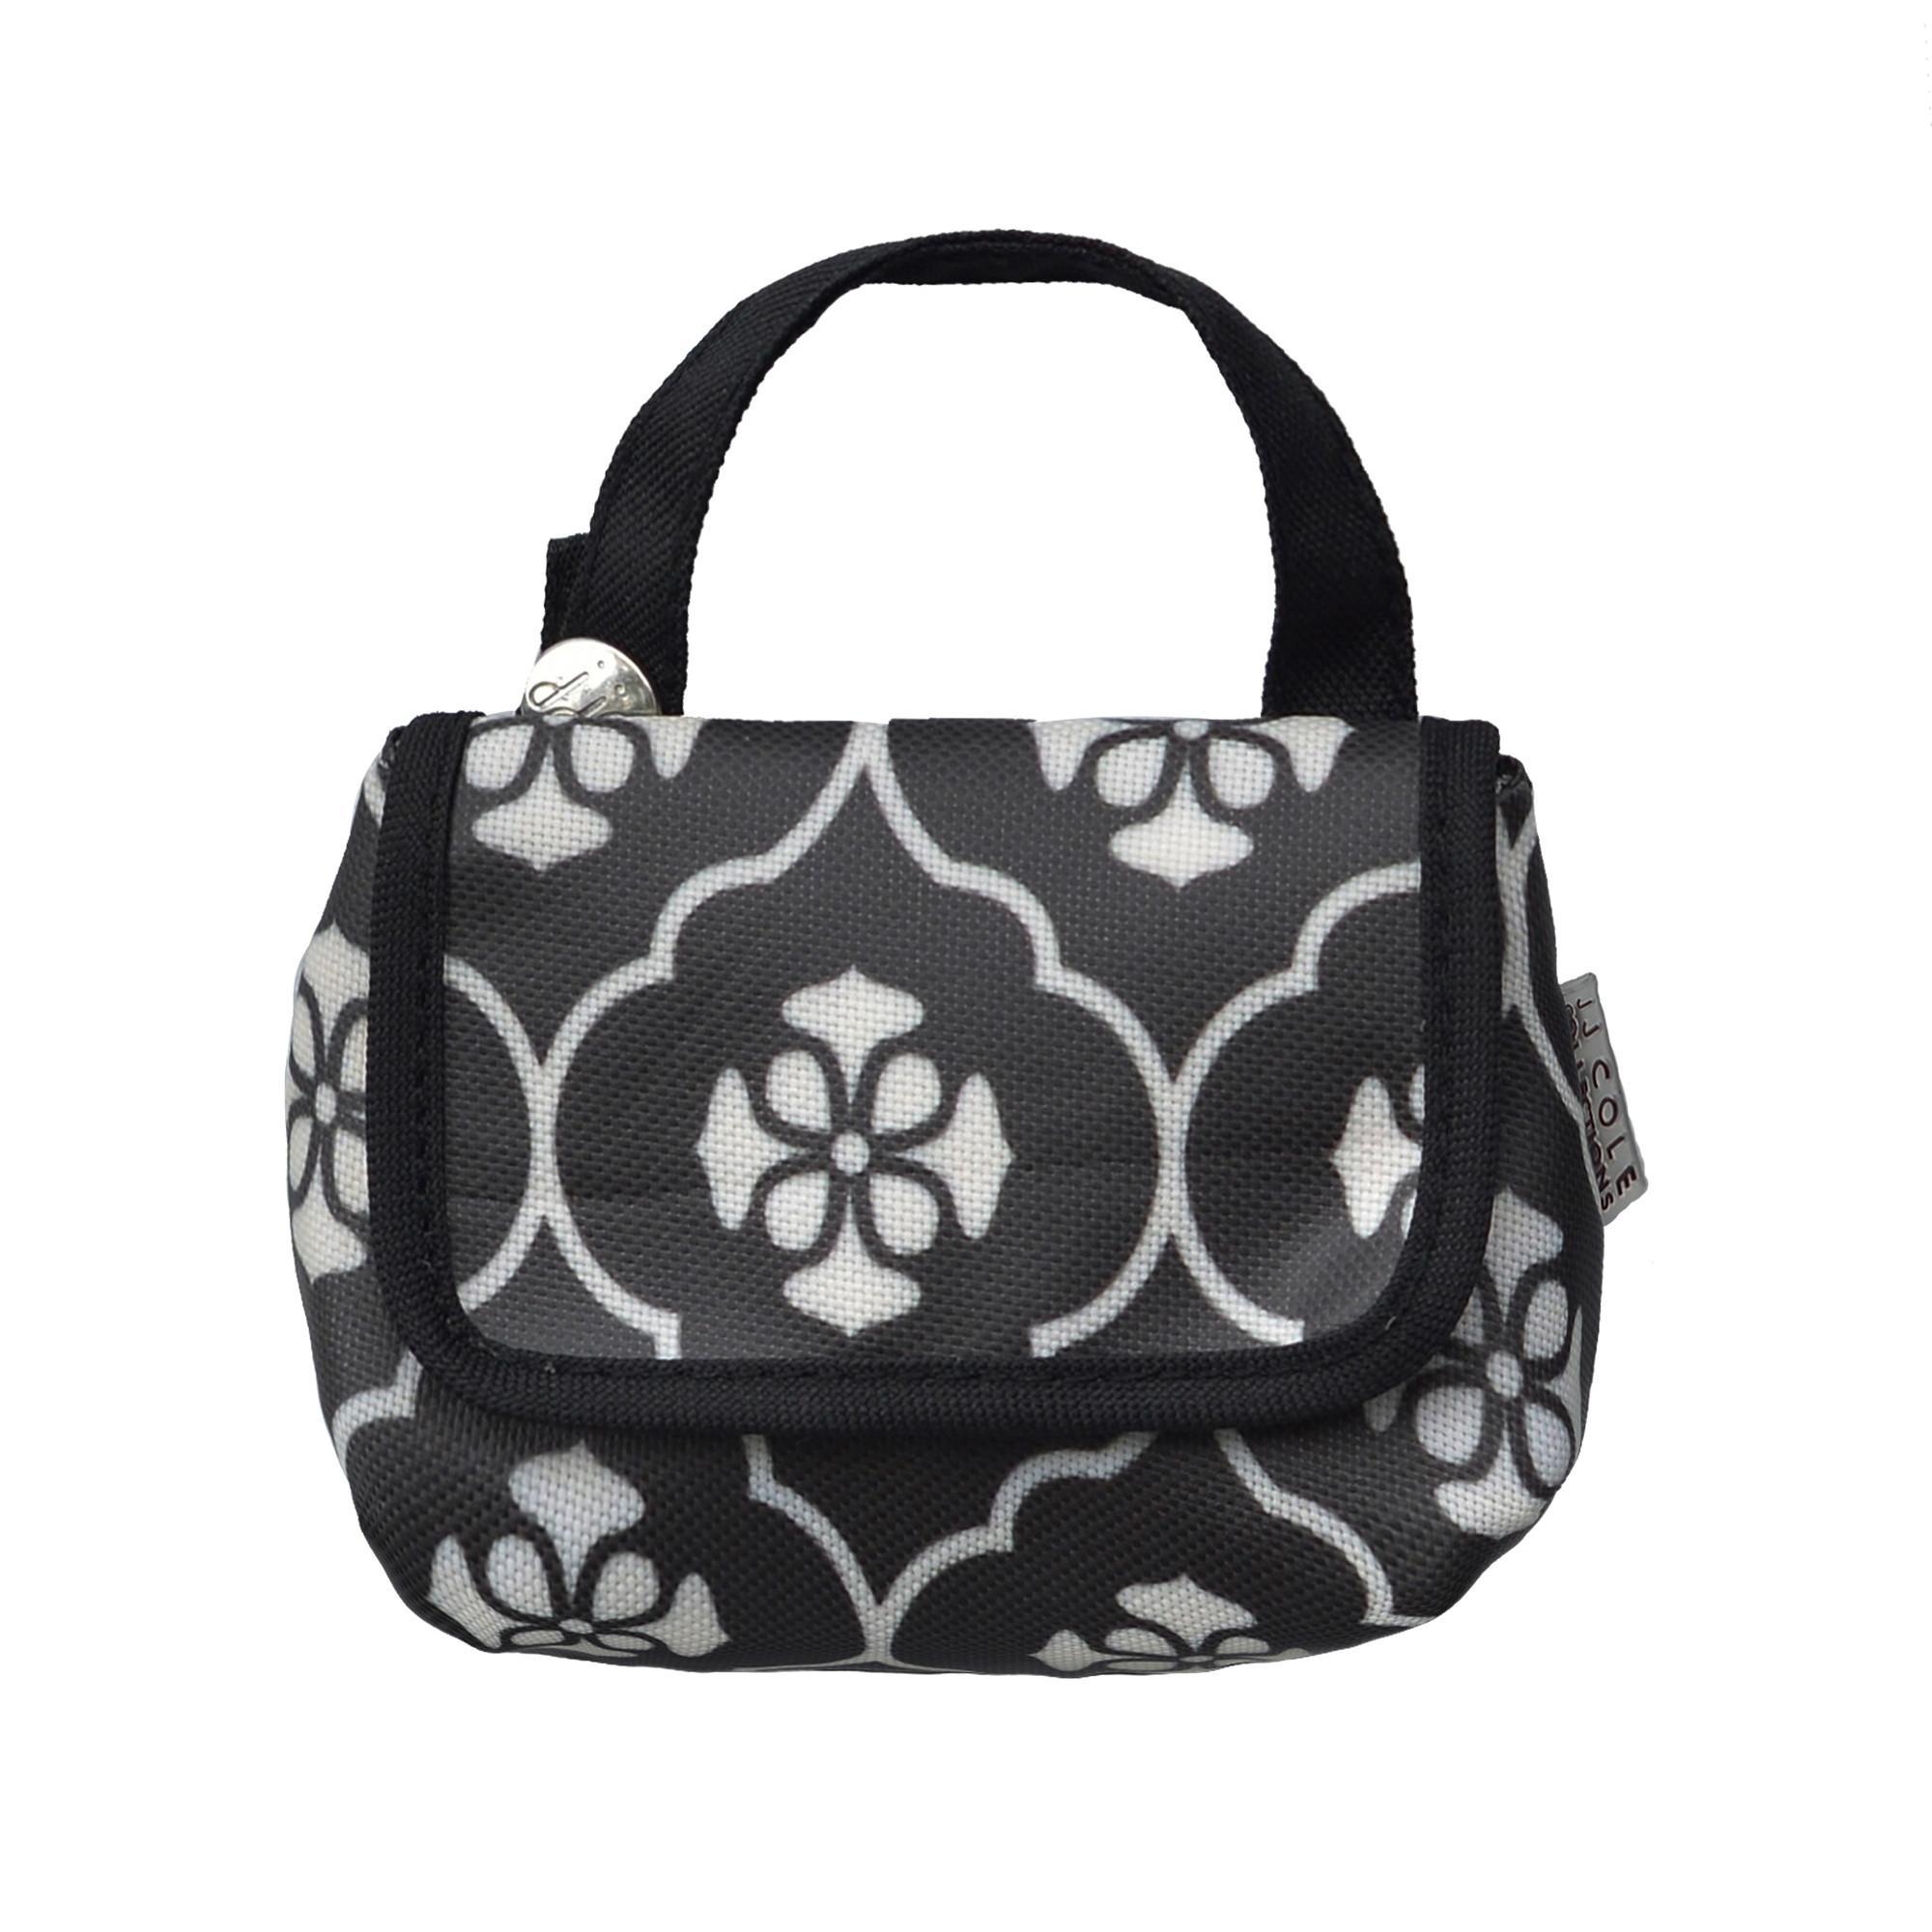 jj cole parker diaper bag black floret baby. Black Bedroom Furniture Sets. Home Design Ideas